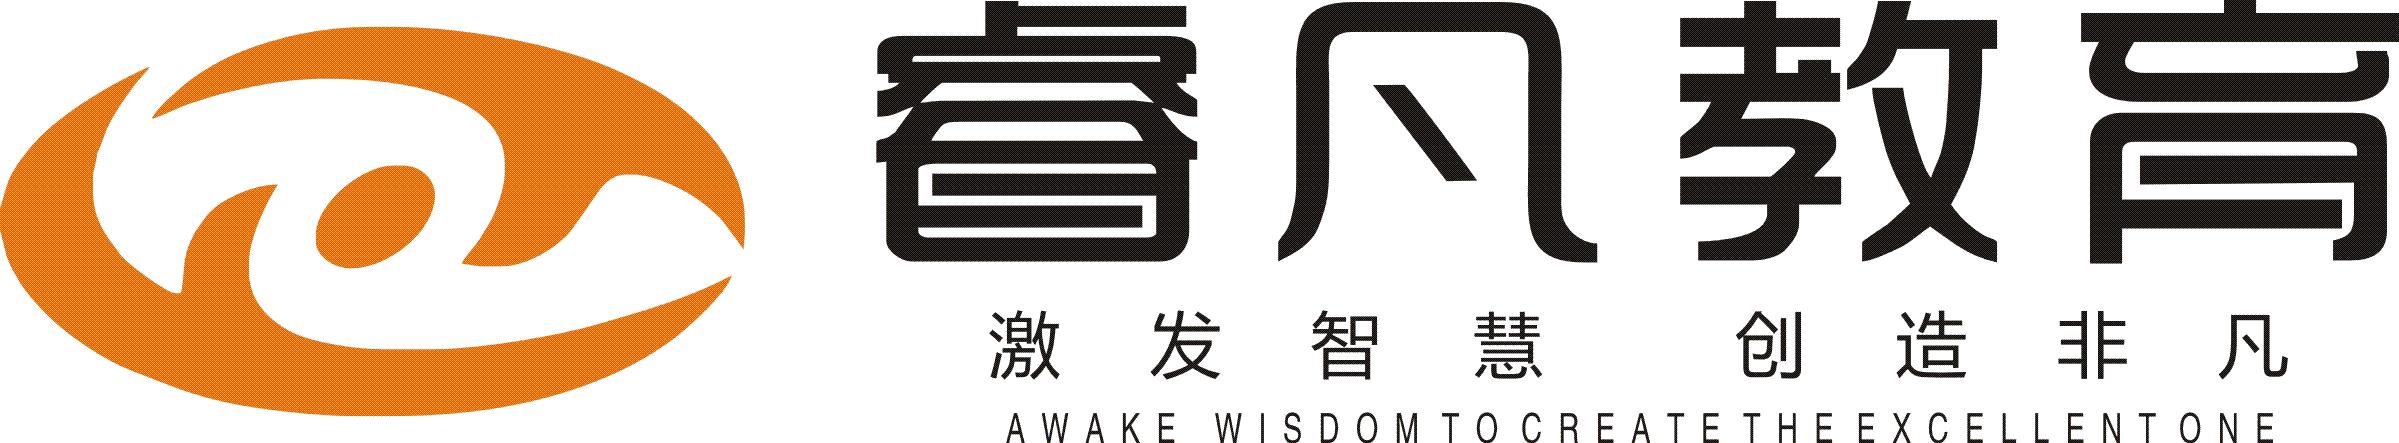 logo 标识 标志 设计 矢量 矢量图 素材 图标 2399_443